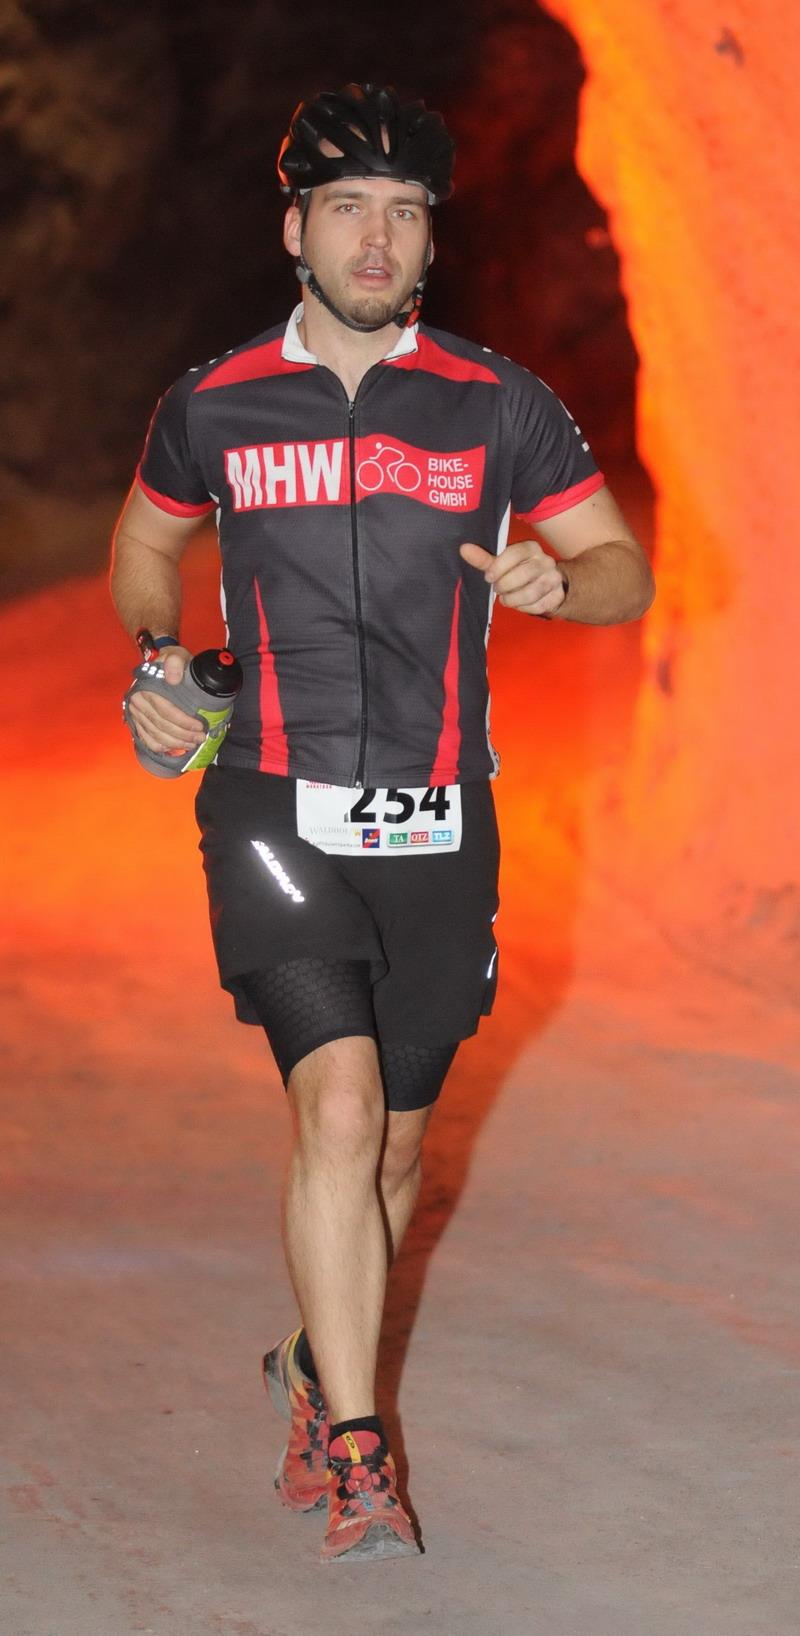 Untertage Marathon